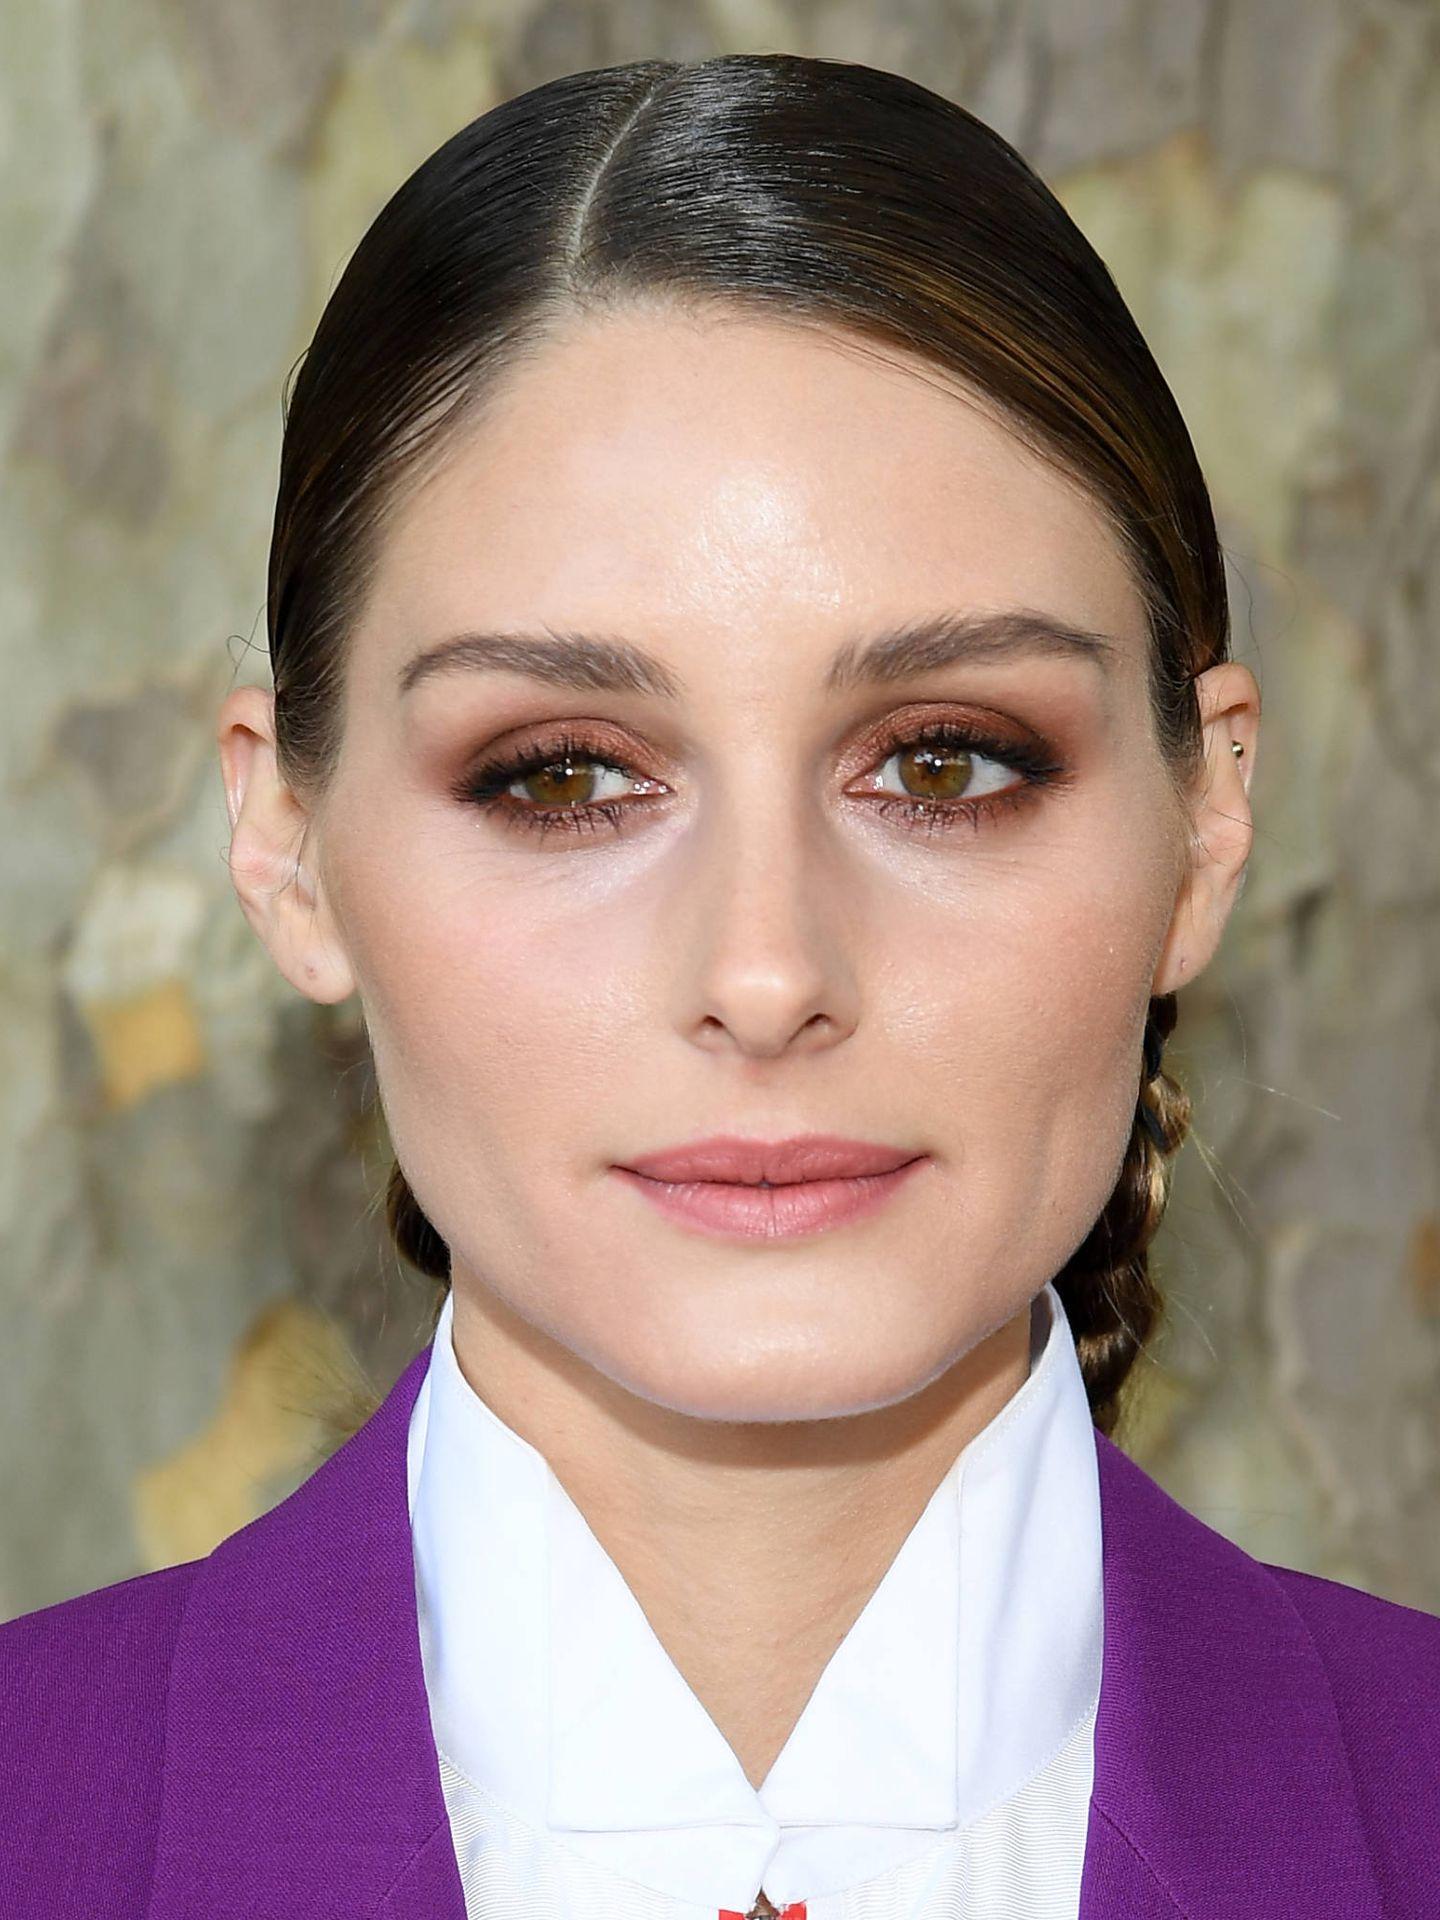 El delineado difuminado y en tonos marrones ahúma la mirada de una forma más natural. (Getty)